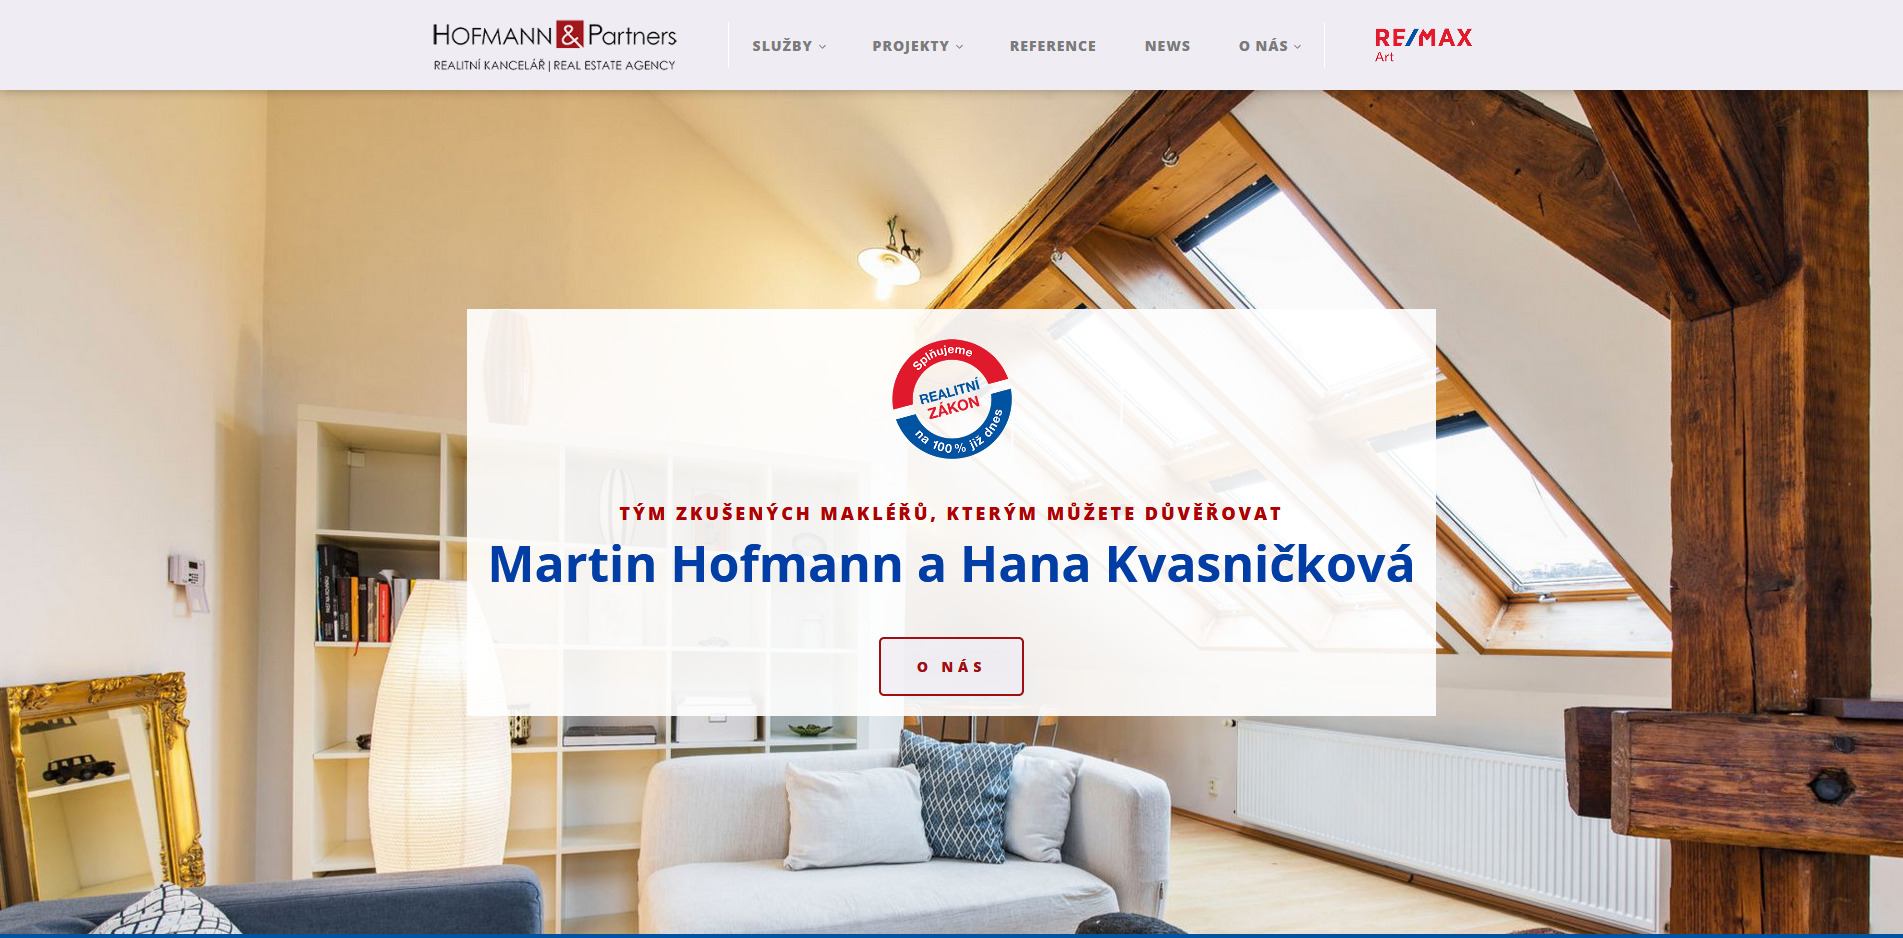 HOFMANN Partners s r o